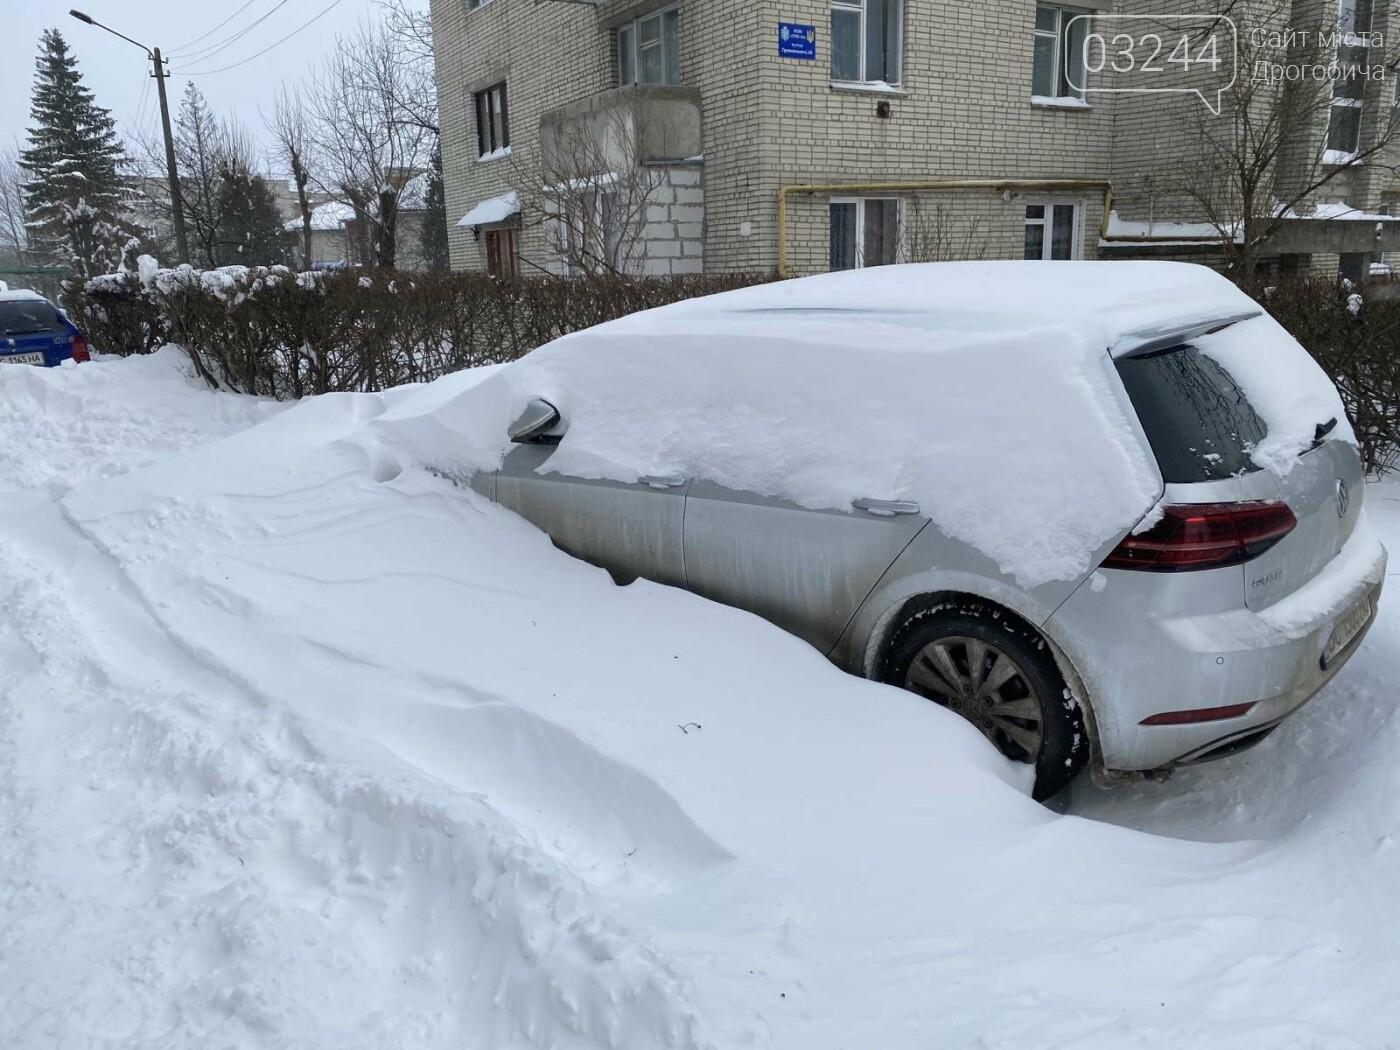 Притрусило: негода перетворила автівки, які не виїжджали кілька днів, на снігові кургани, - ФОТОРЕПОРТАЖ, фото-5